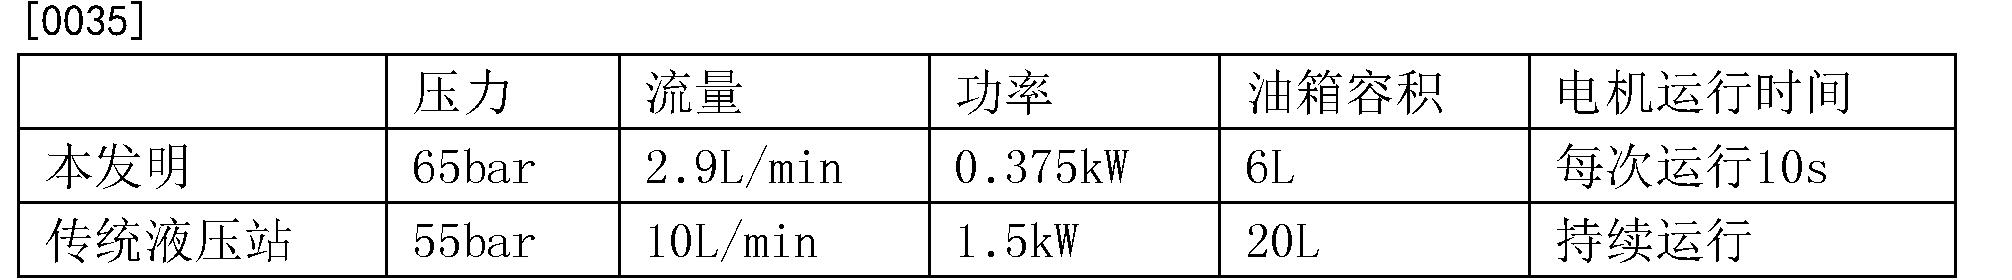 Figure CN105545833BD00081